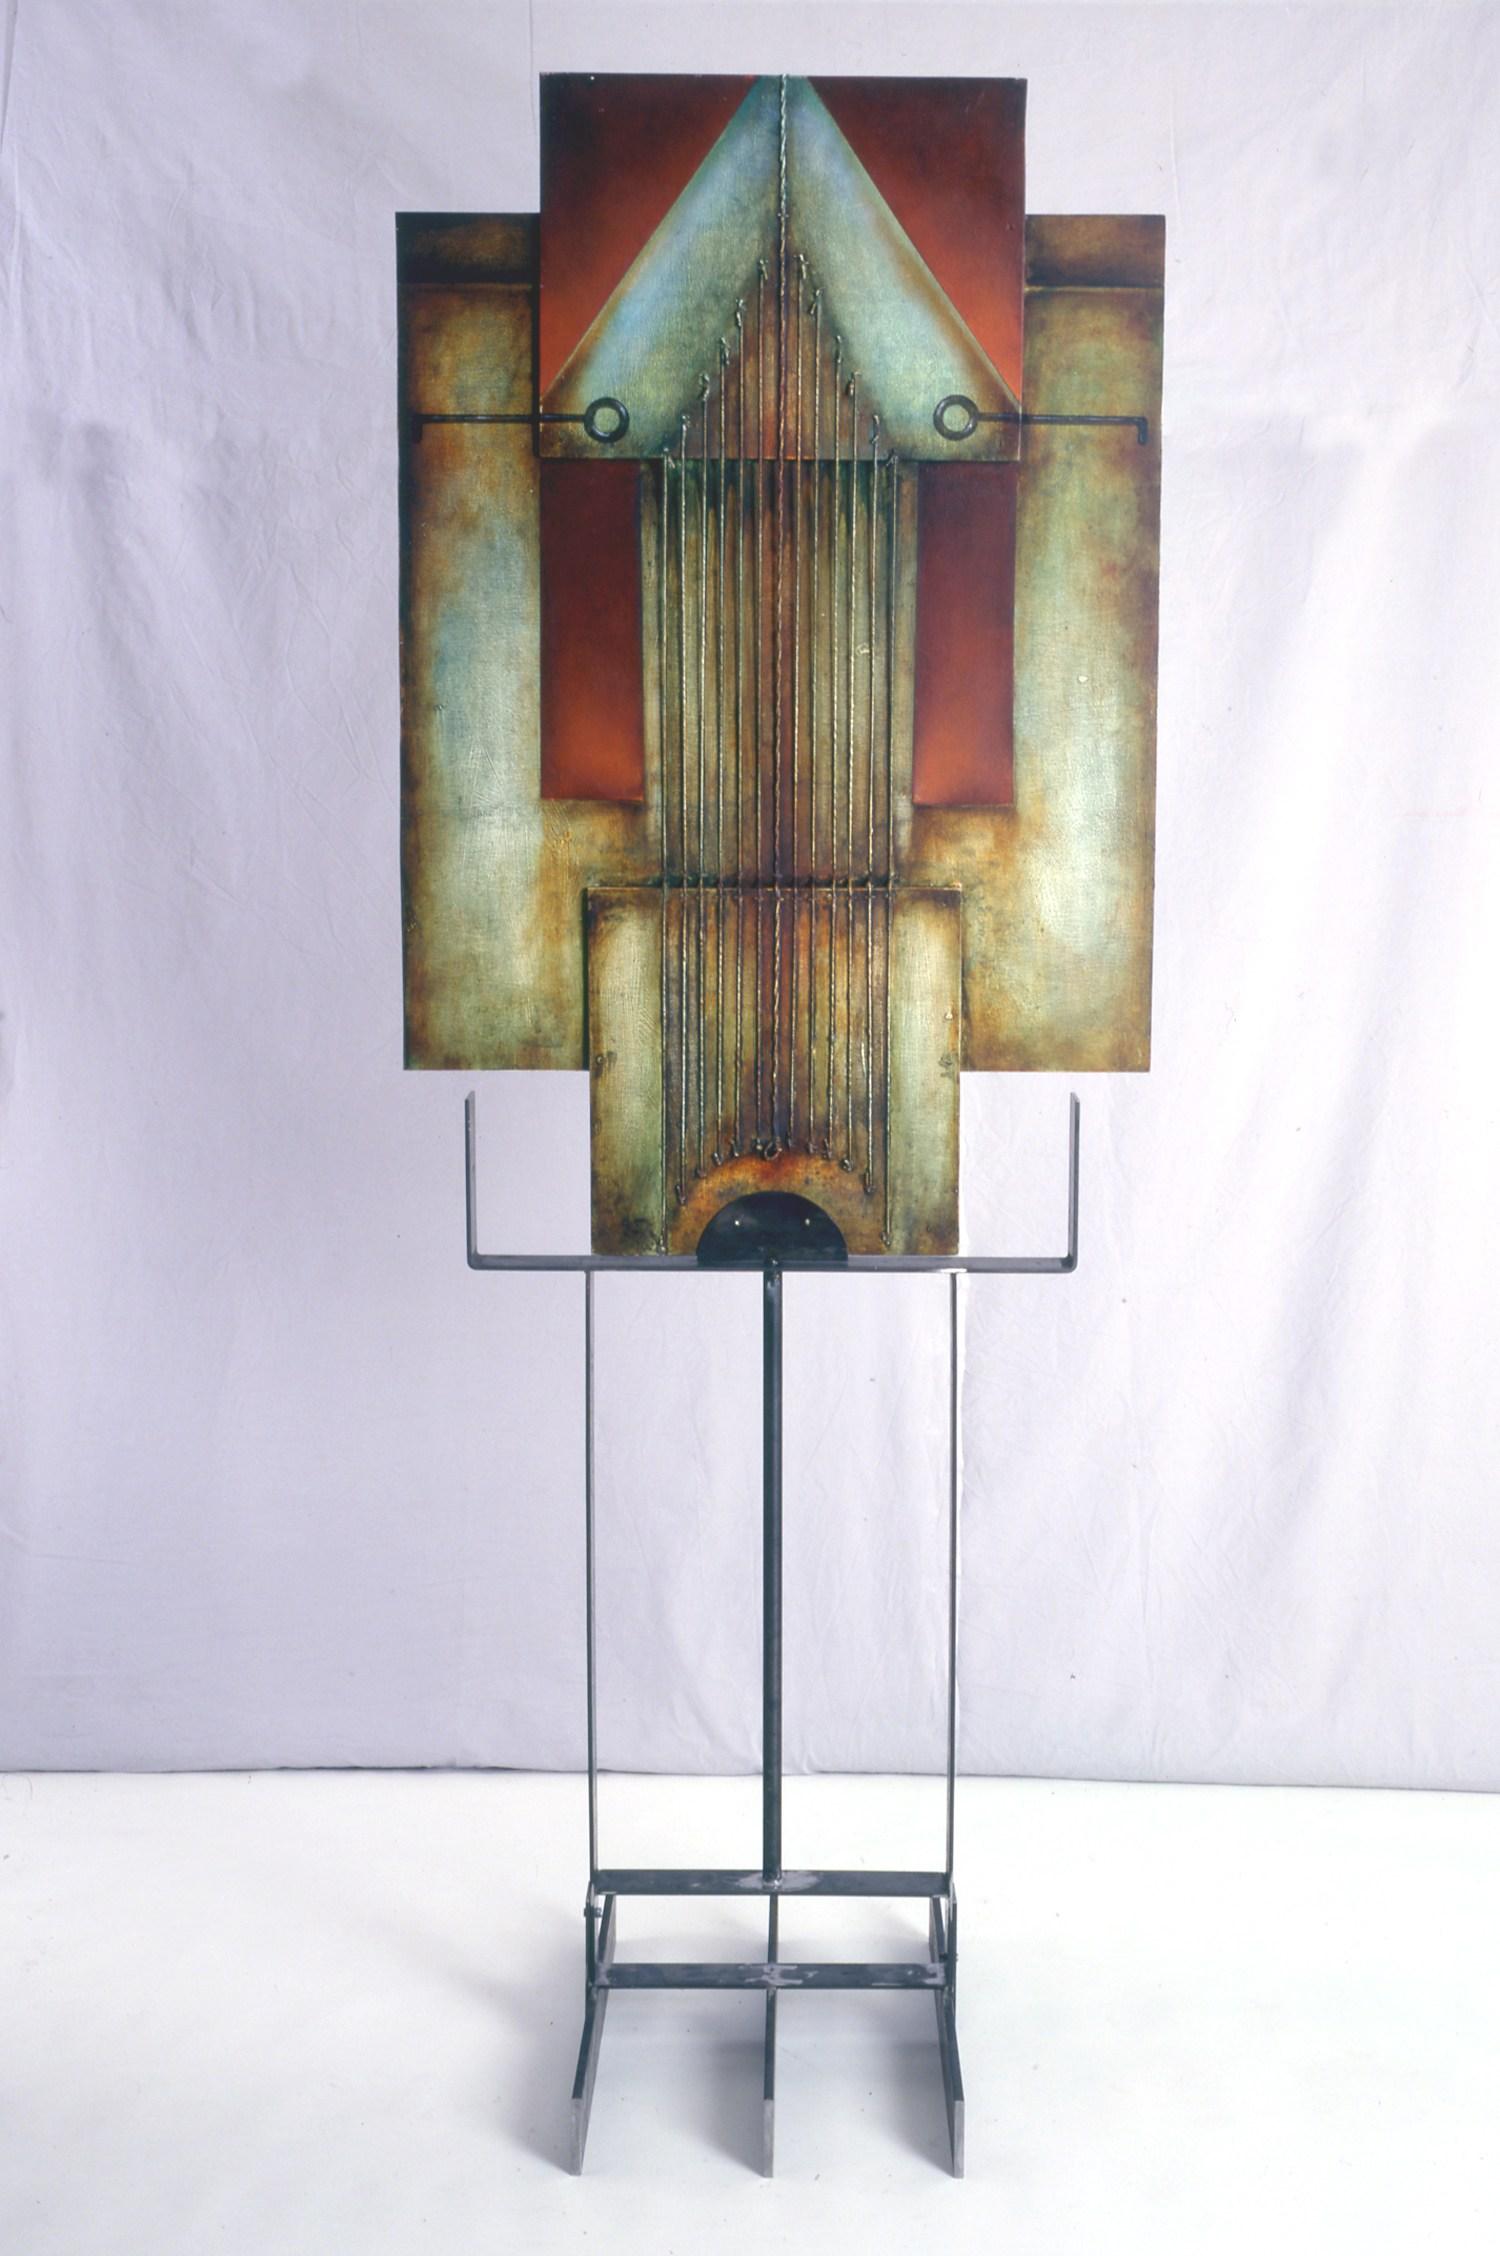 cuspidi-2002olio-su-tav-e-ferro-80x60x215-copia-copia-copia